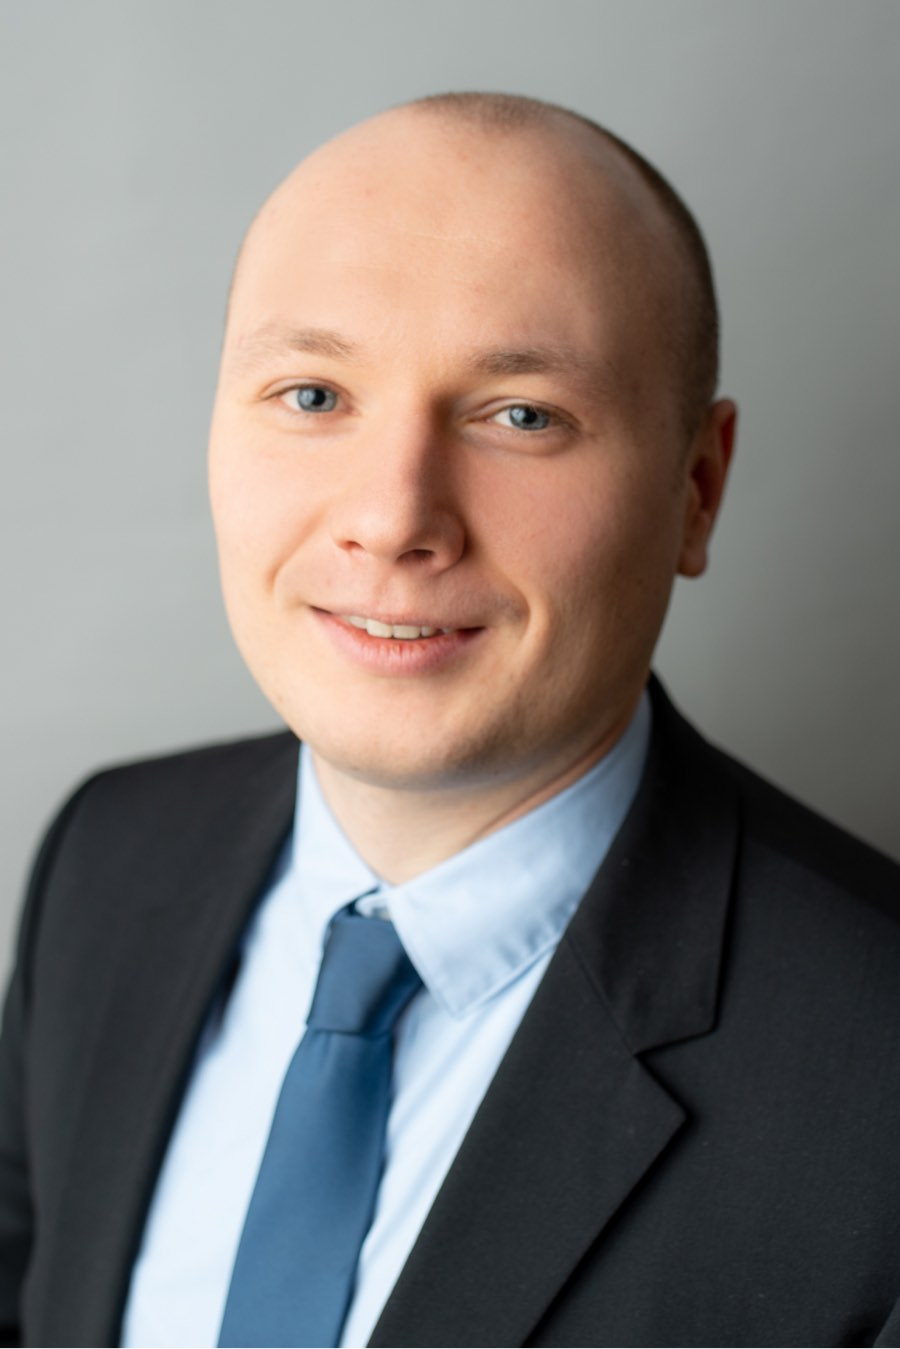 Lukas Kluczniok